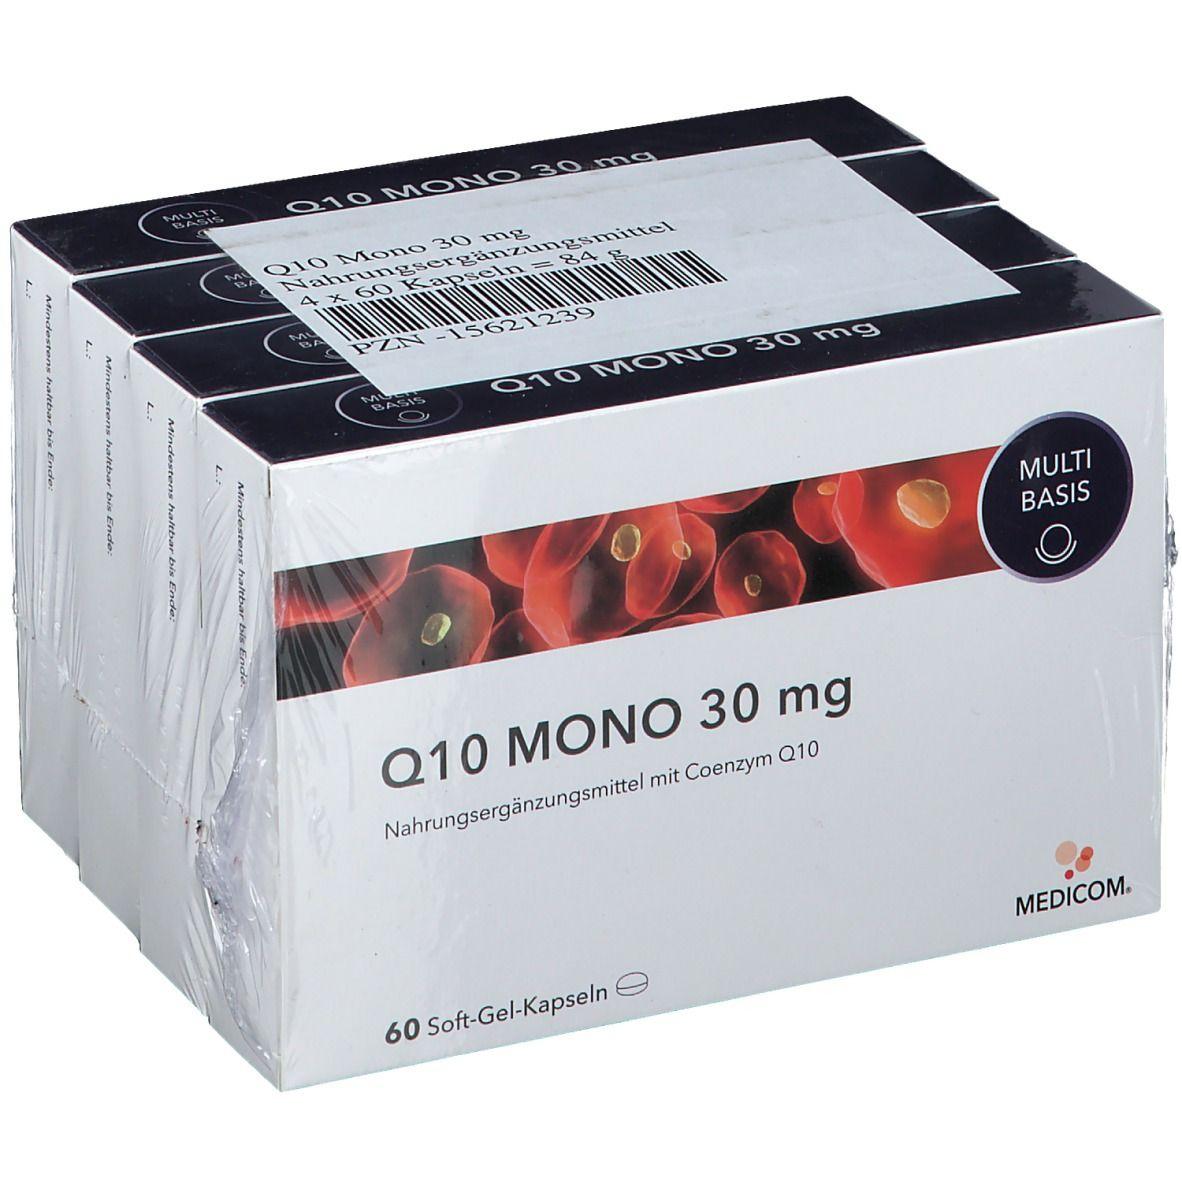 MEDICOM® Q10 MONO 30 mg